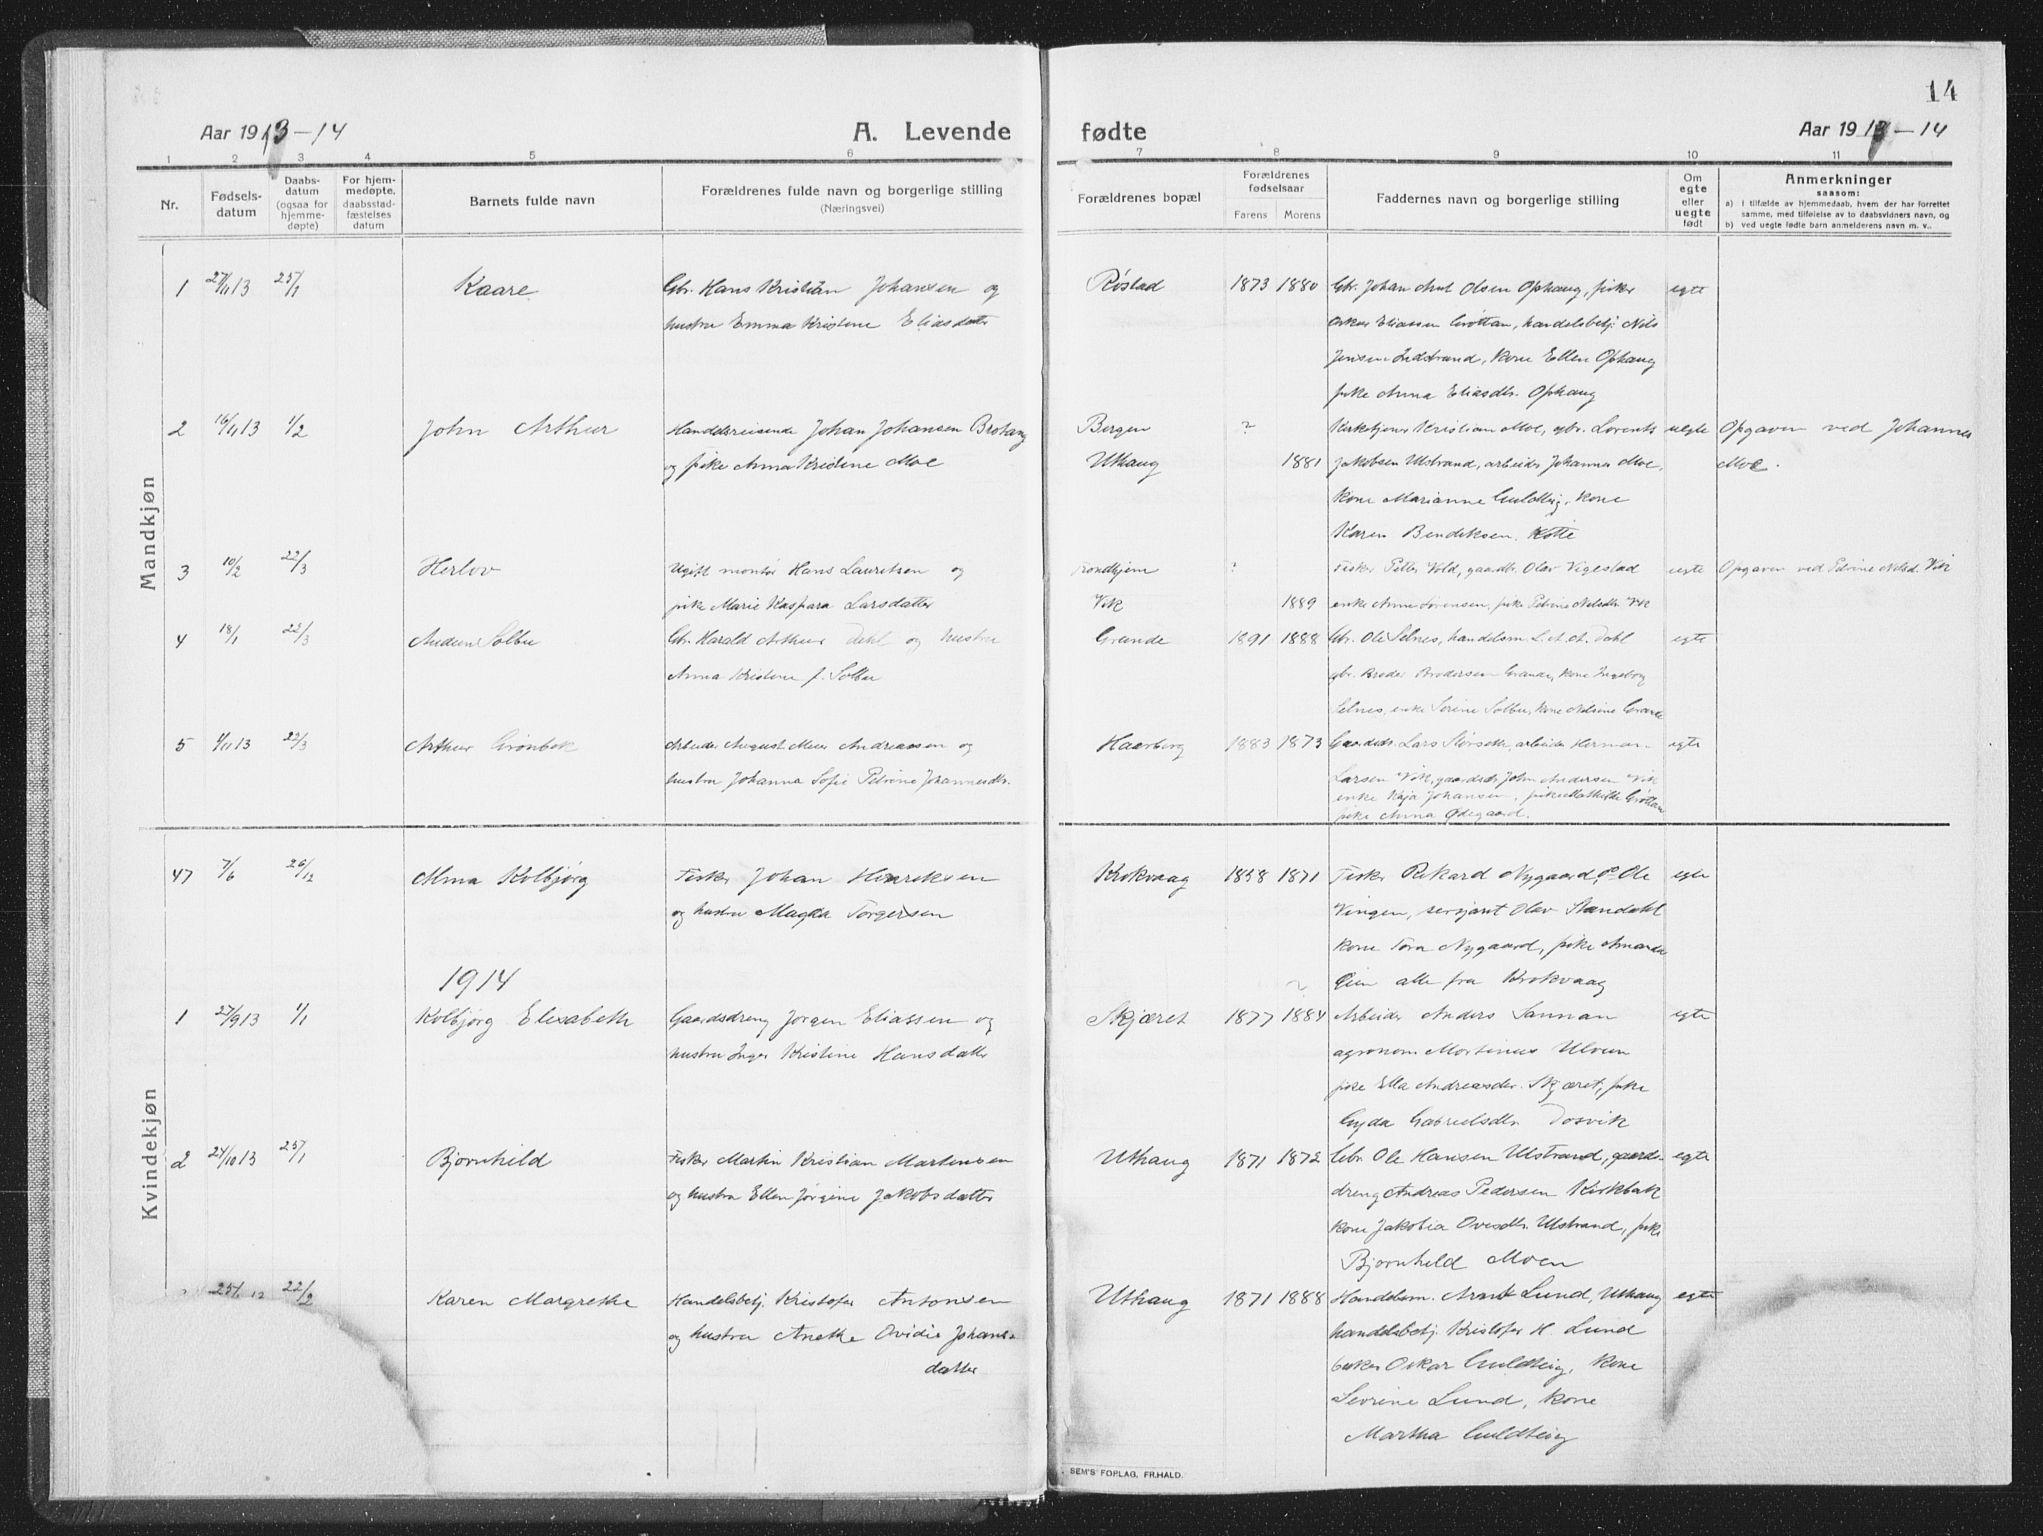 SAT, Ministerialprotokoller, klokkerbøker og fødselsregistre - Sør-Trøndelag, 659/L0747: Klokkerbok nr. 659C04, 1913-1938, s. 14